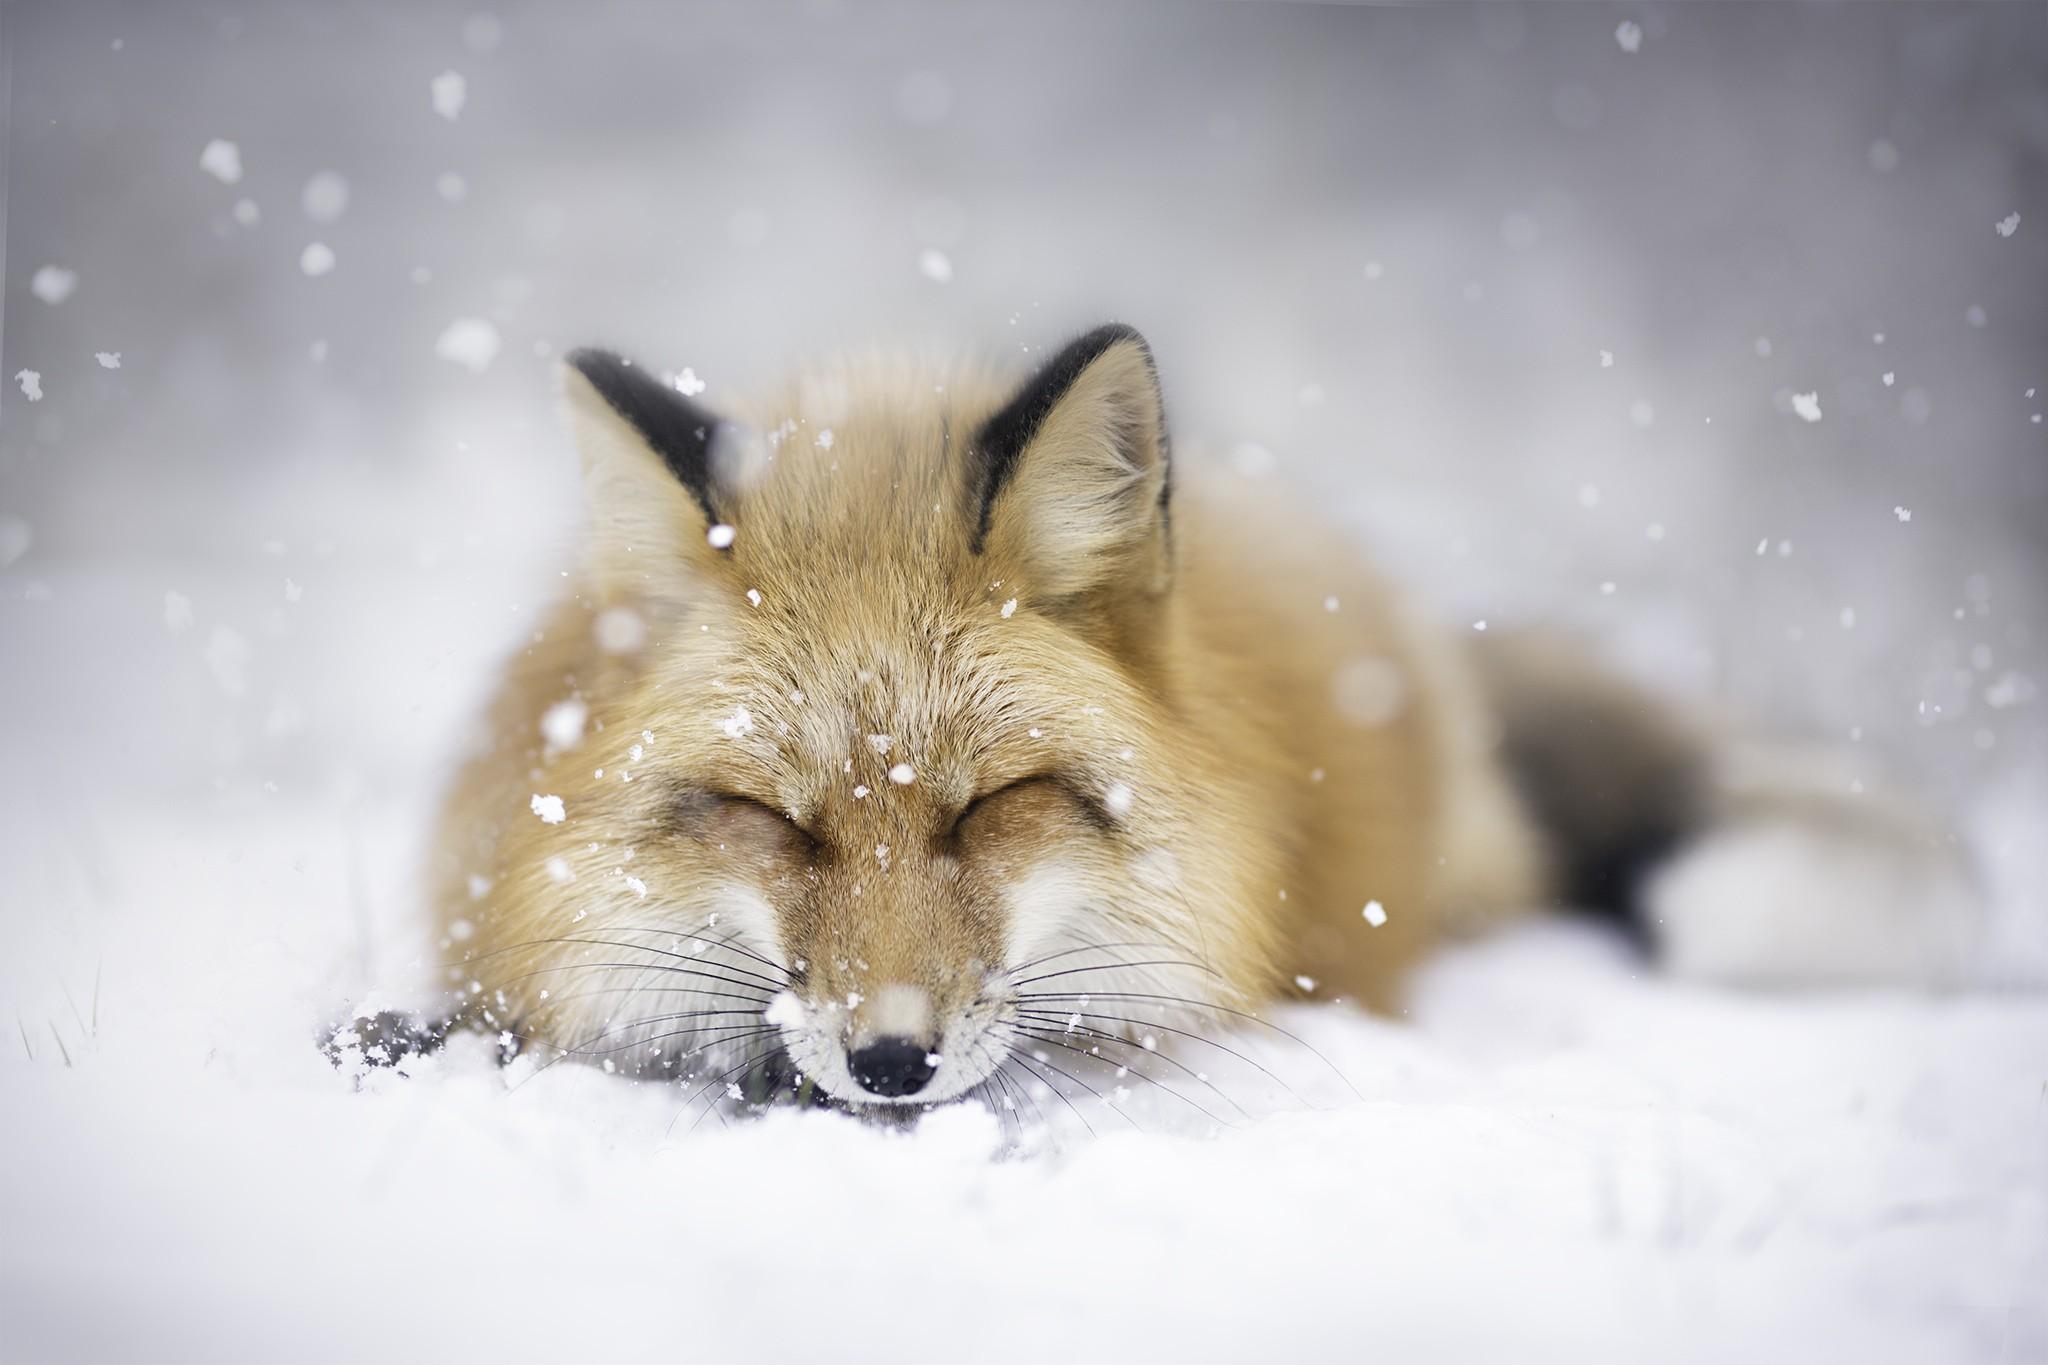 Hintergrundbilder landschaft tiere schnee winter tierwelt wolf polarfuchs fauna - Schneebilder kostenlos ...